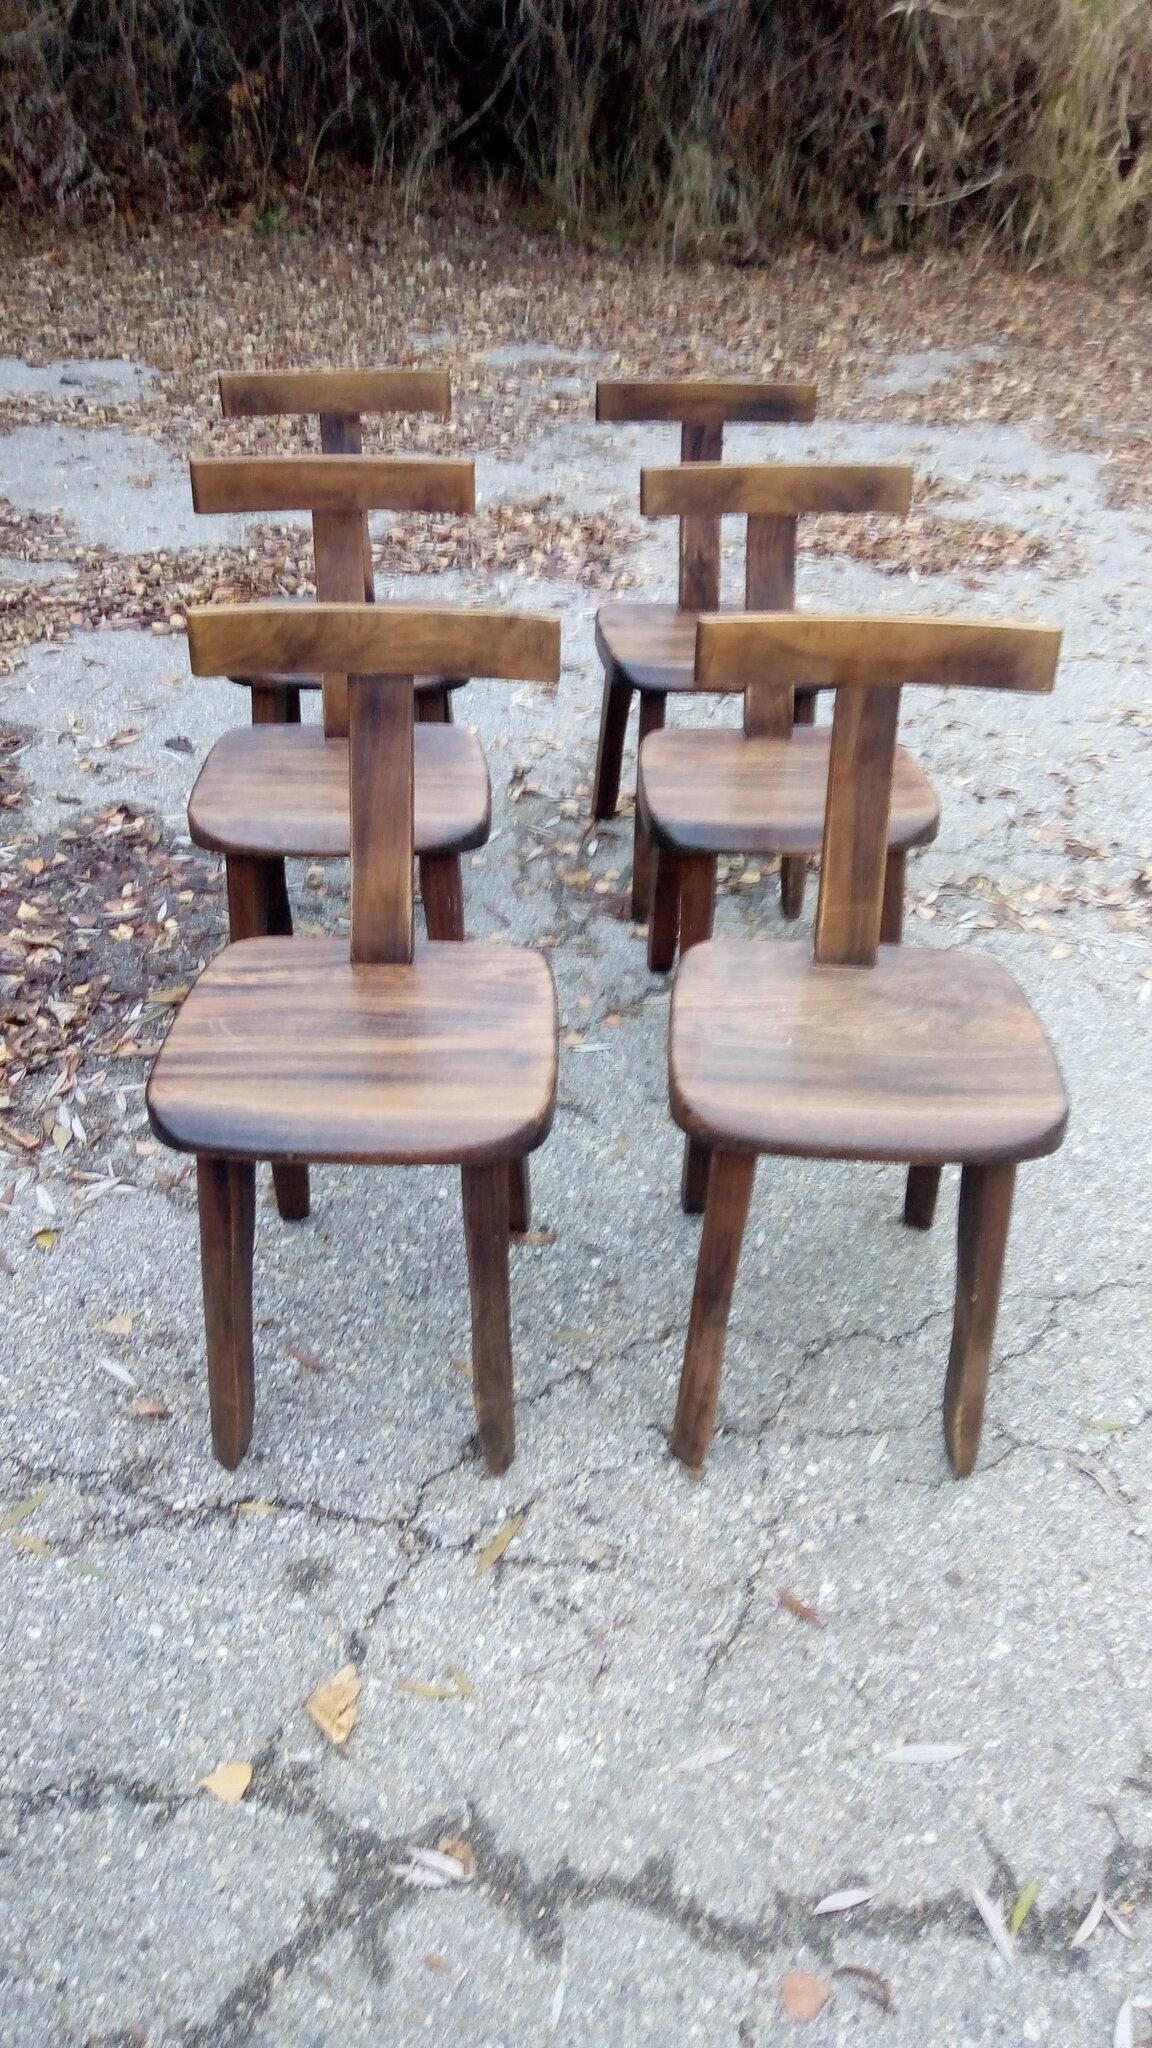 chaises vintage scandinave olavi hanninen - Chaise Vintage Scandinave